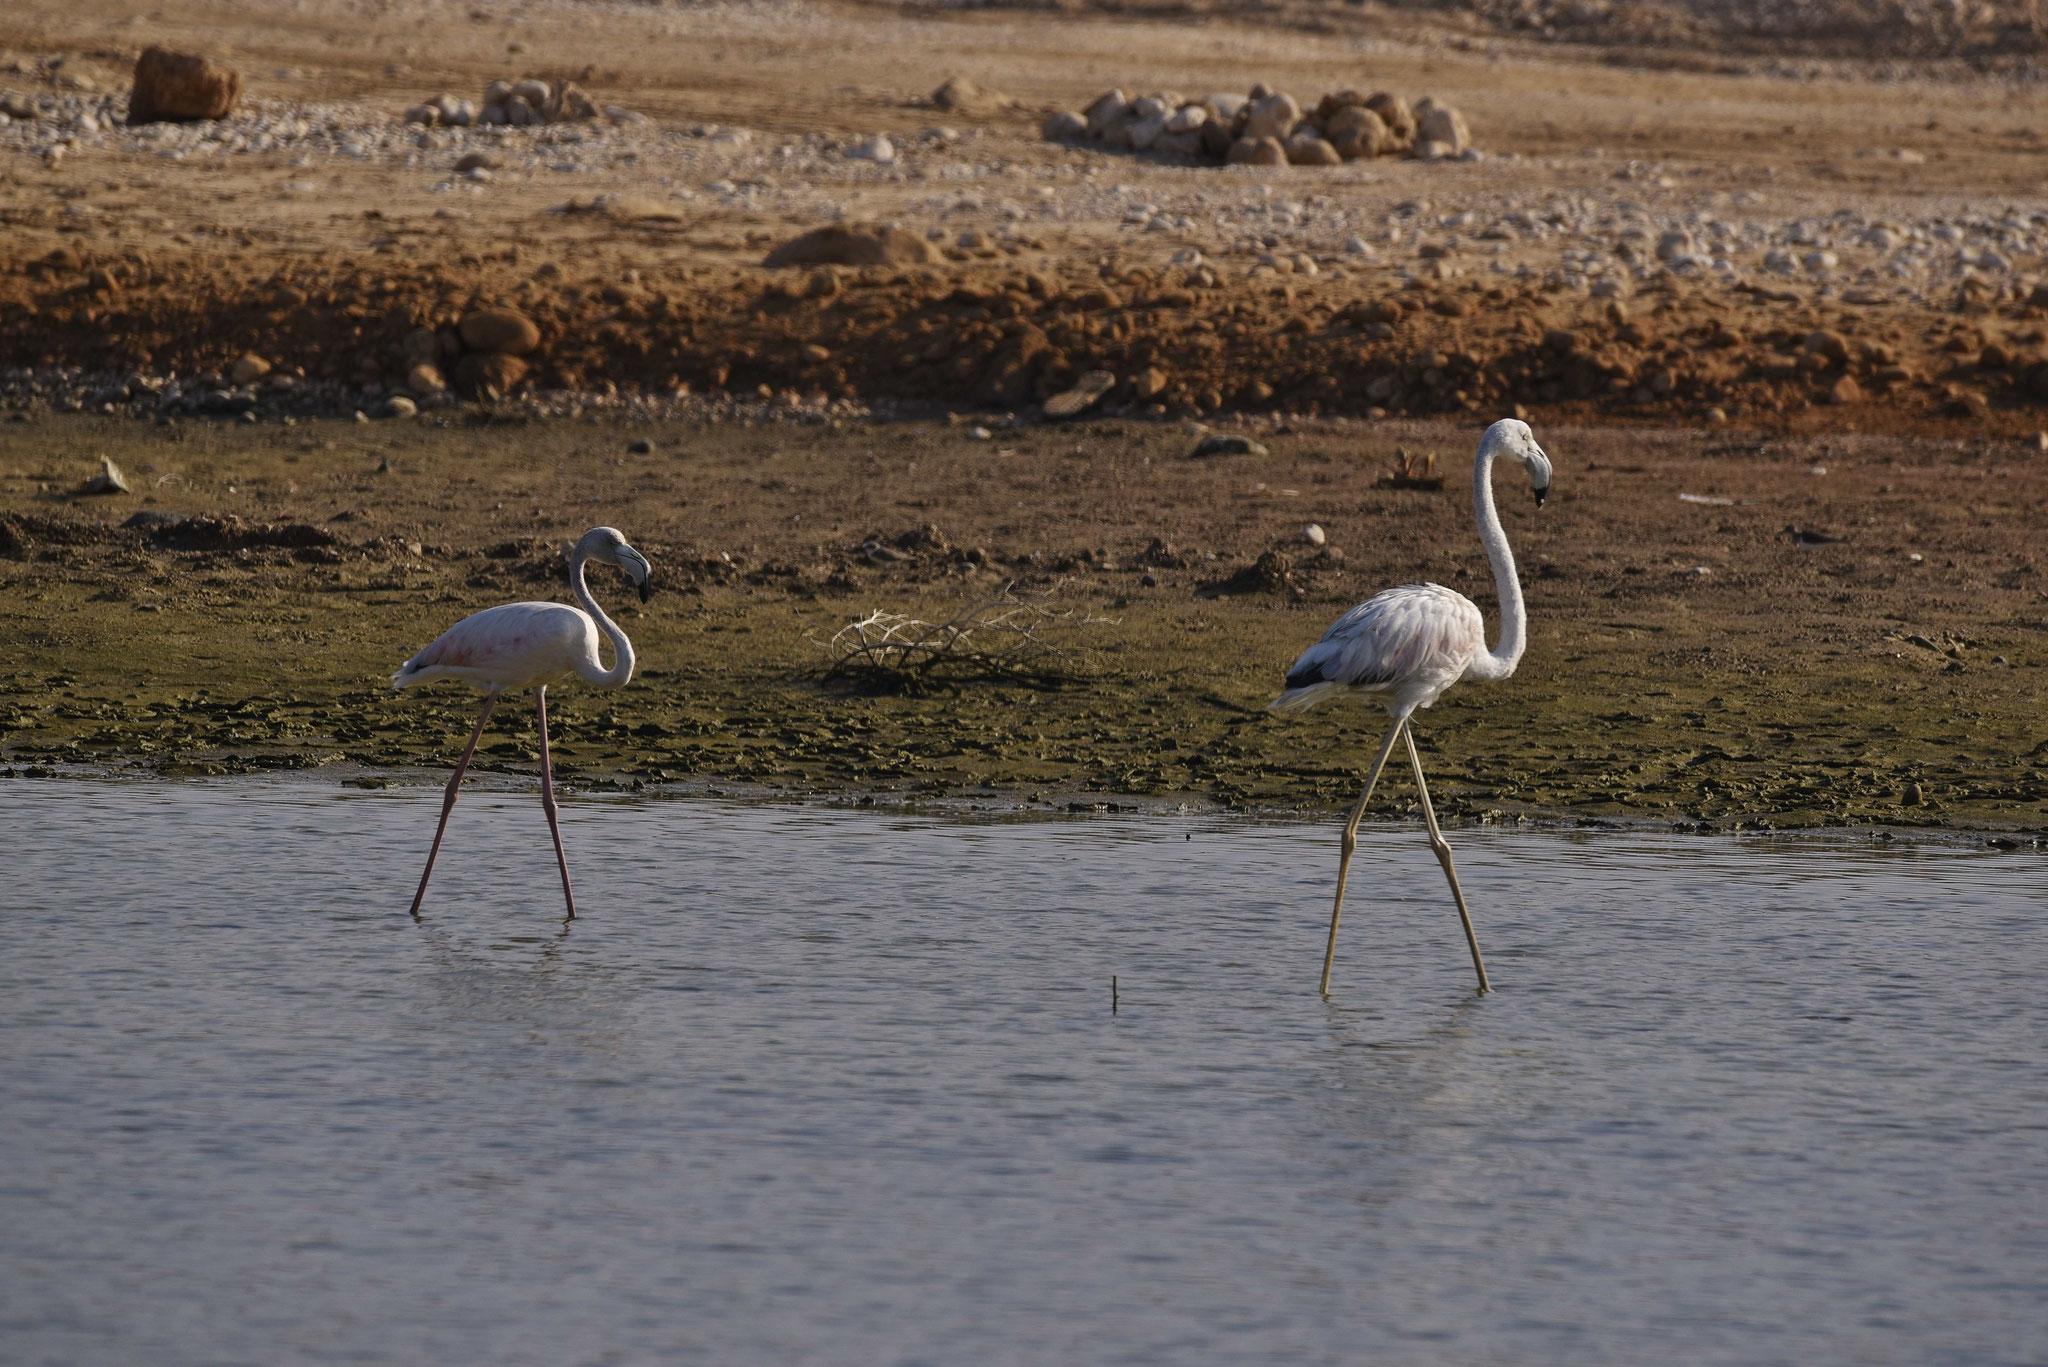 Selbst im November konnten wir ein paar Flamingos sehen